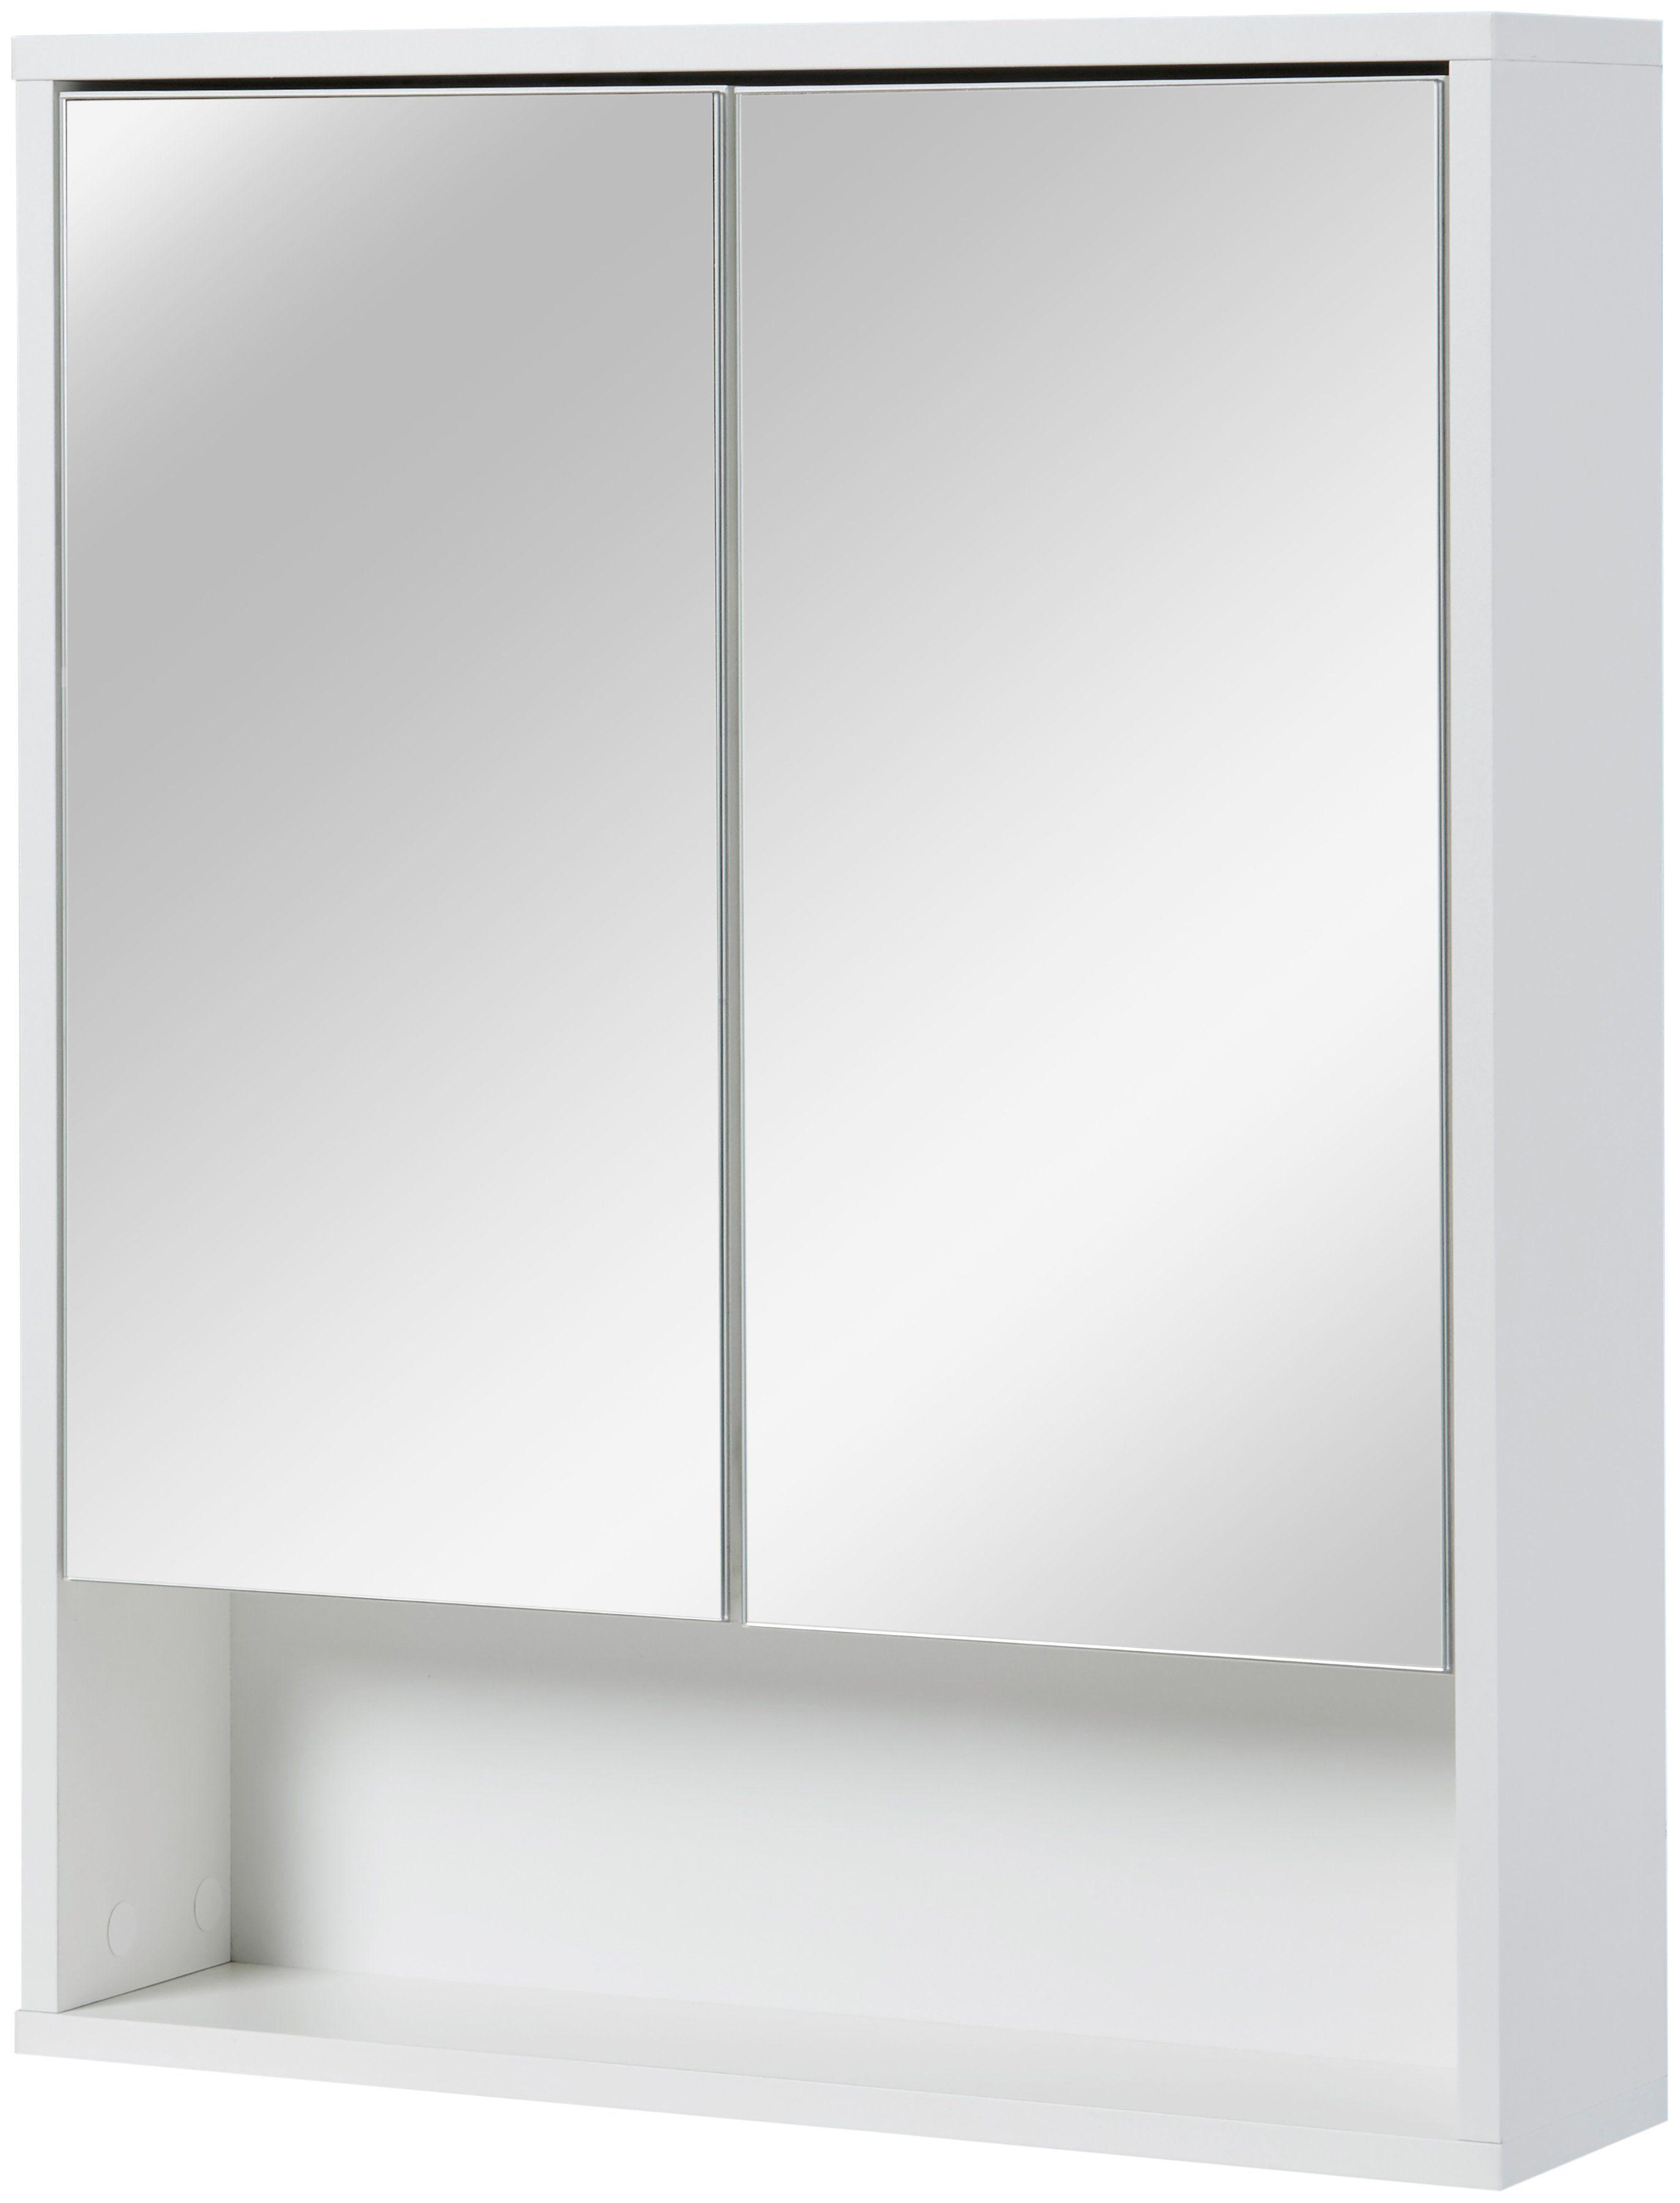 Spiegelschrank »Baja«, 60 cm breit